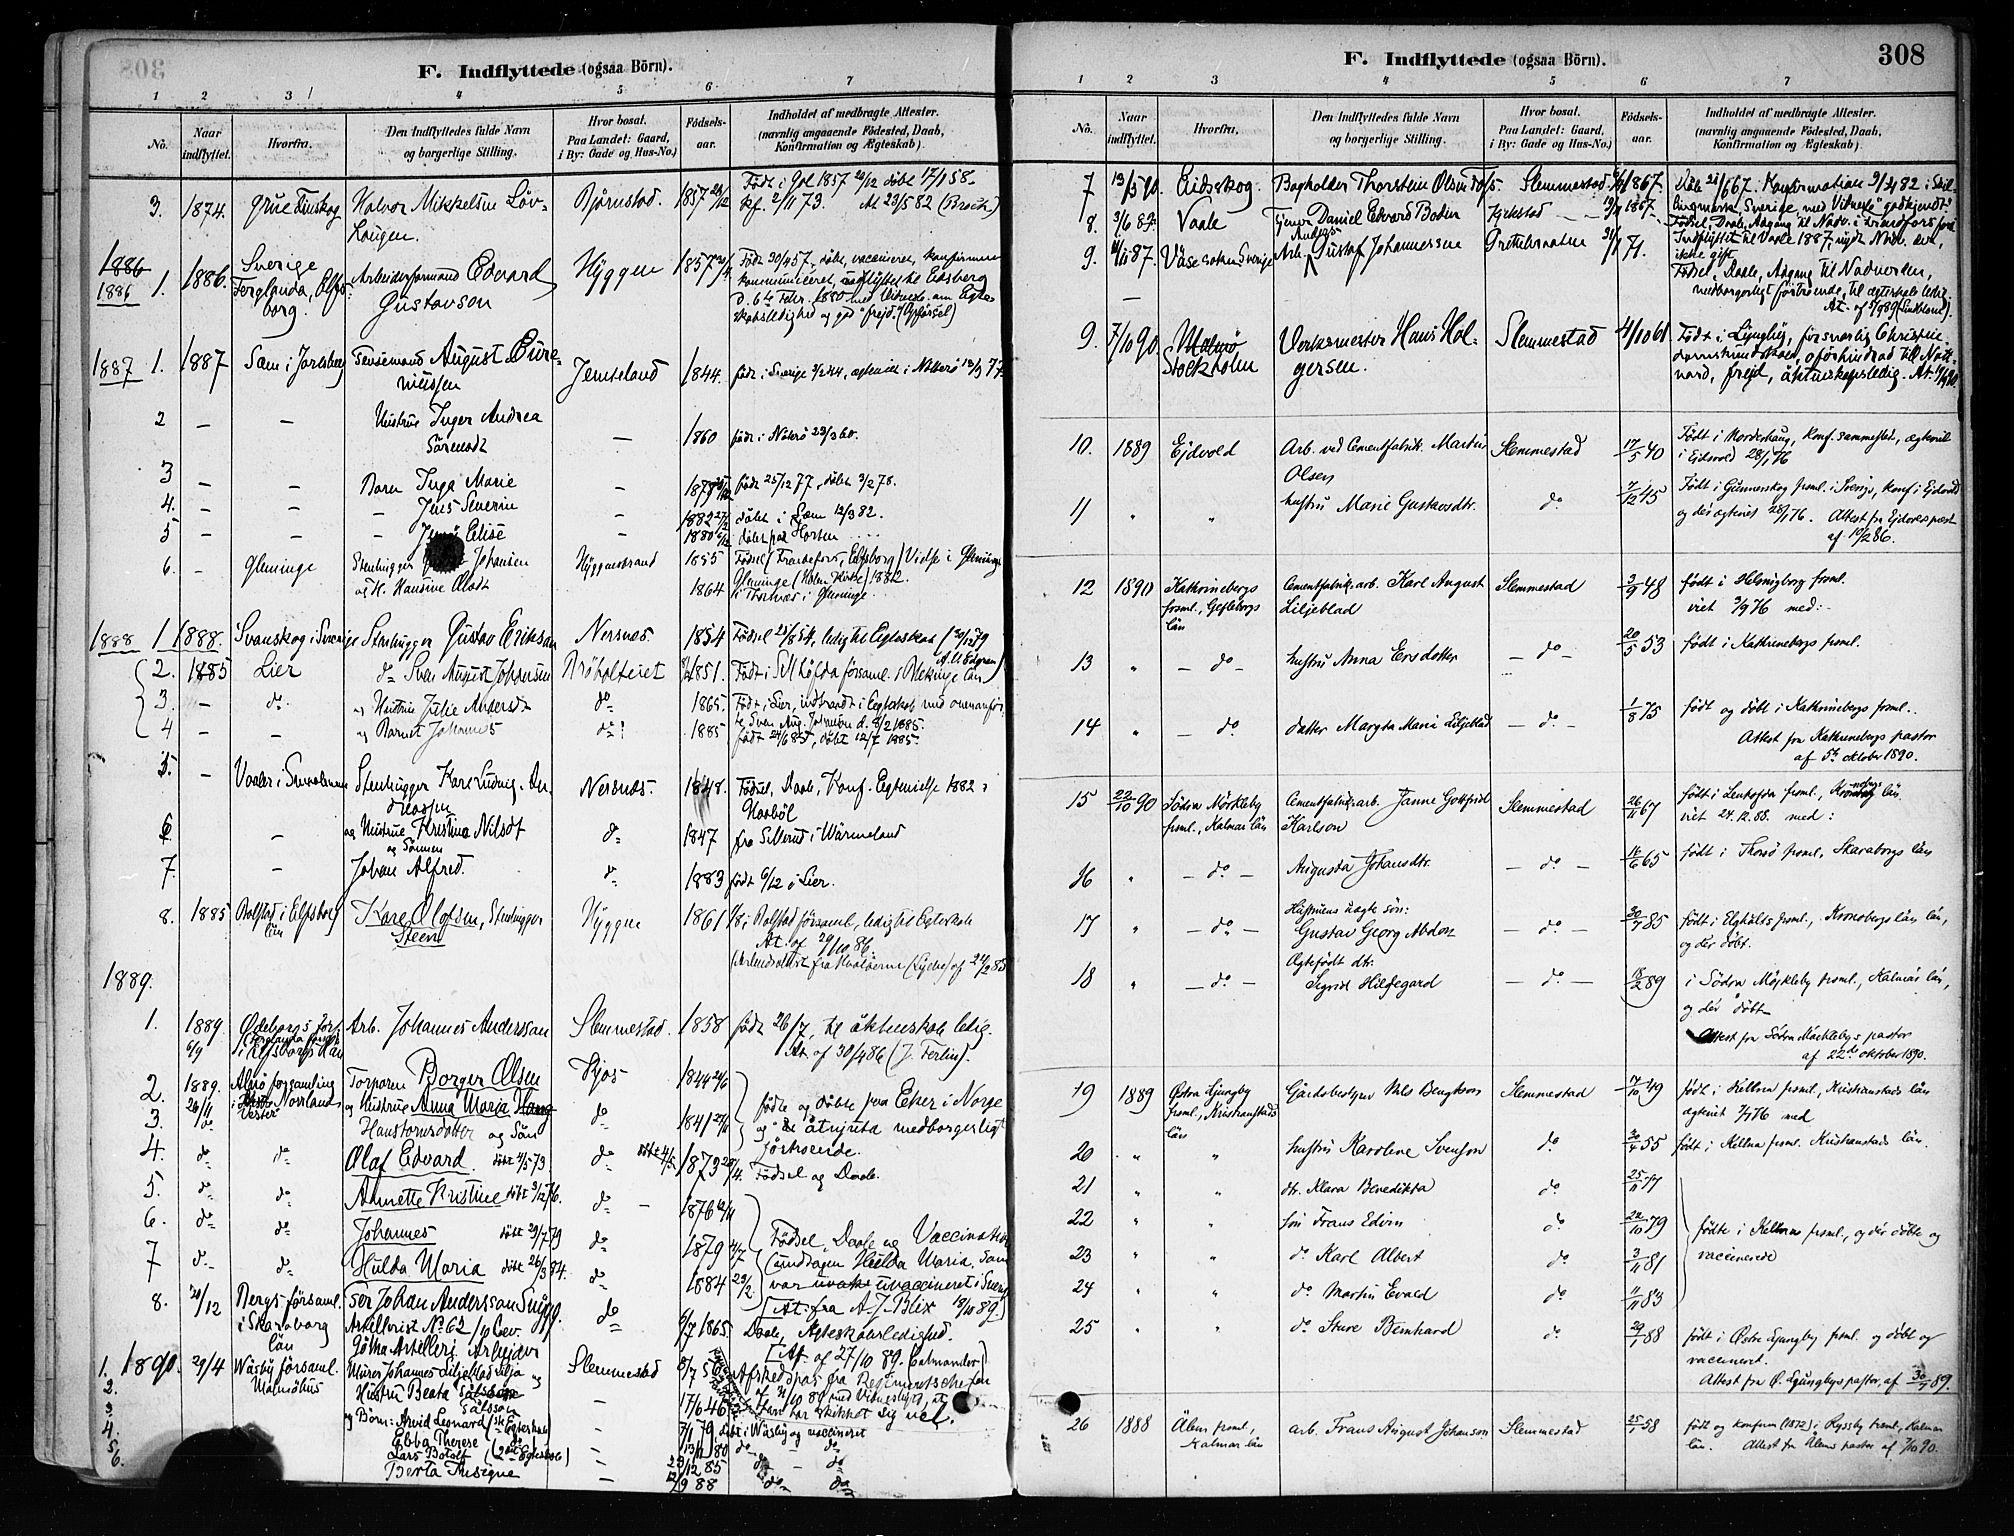 SAKO, Røyken kirkebøker, F/Fa/L0008: Ministerialbok nr. 8, 1880-1897, s. 308